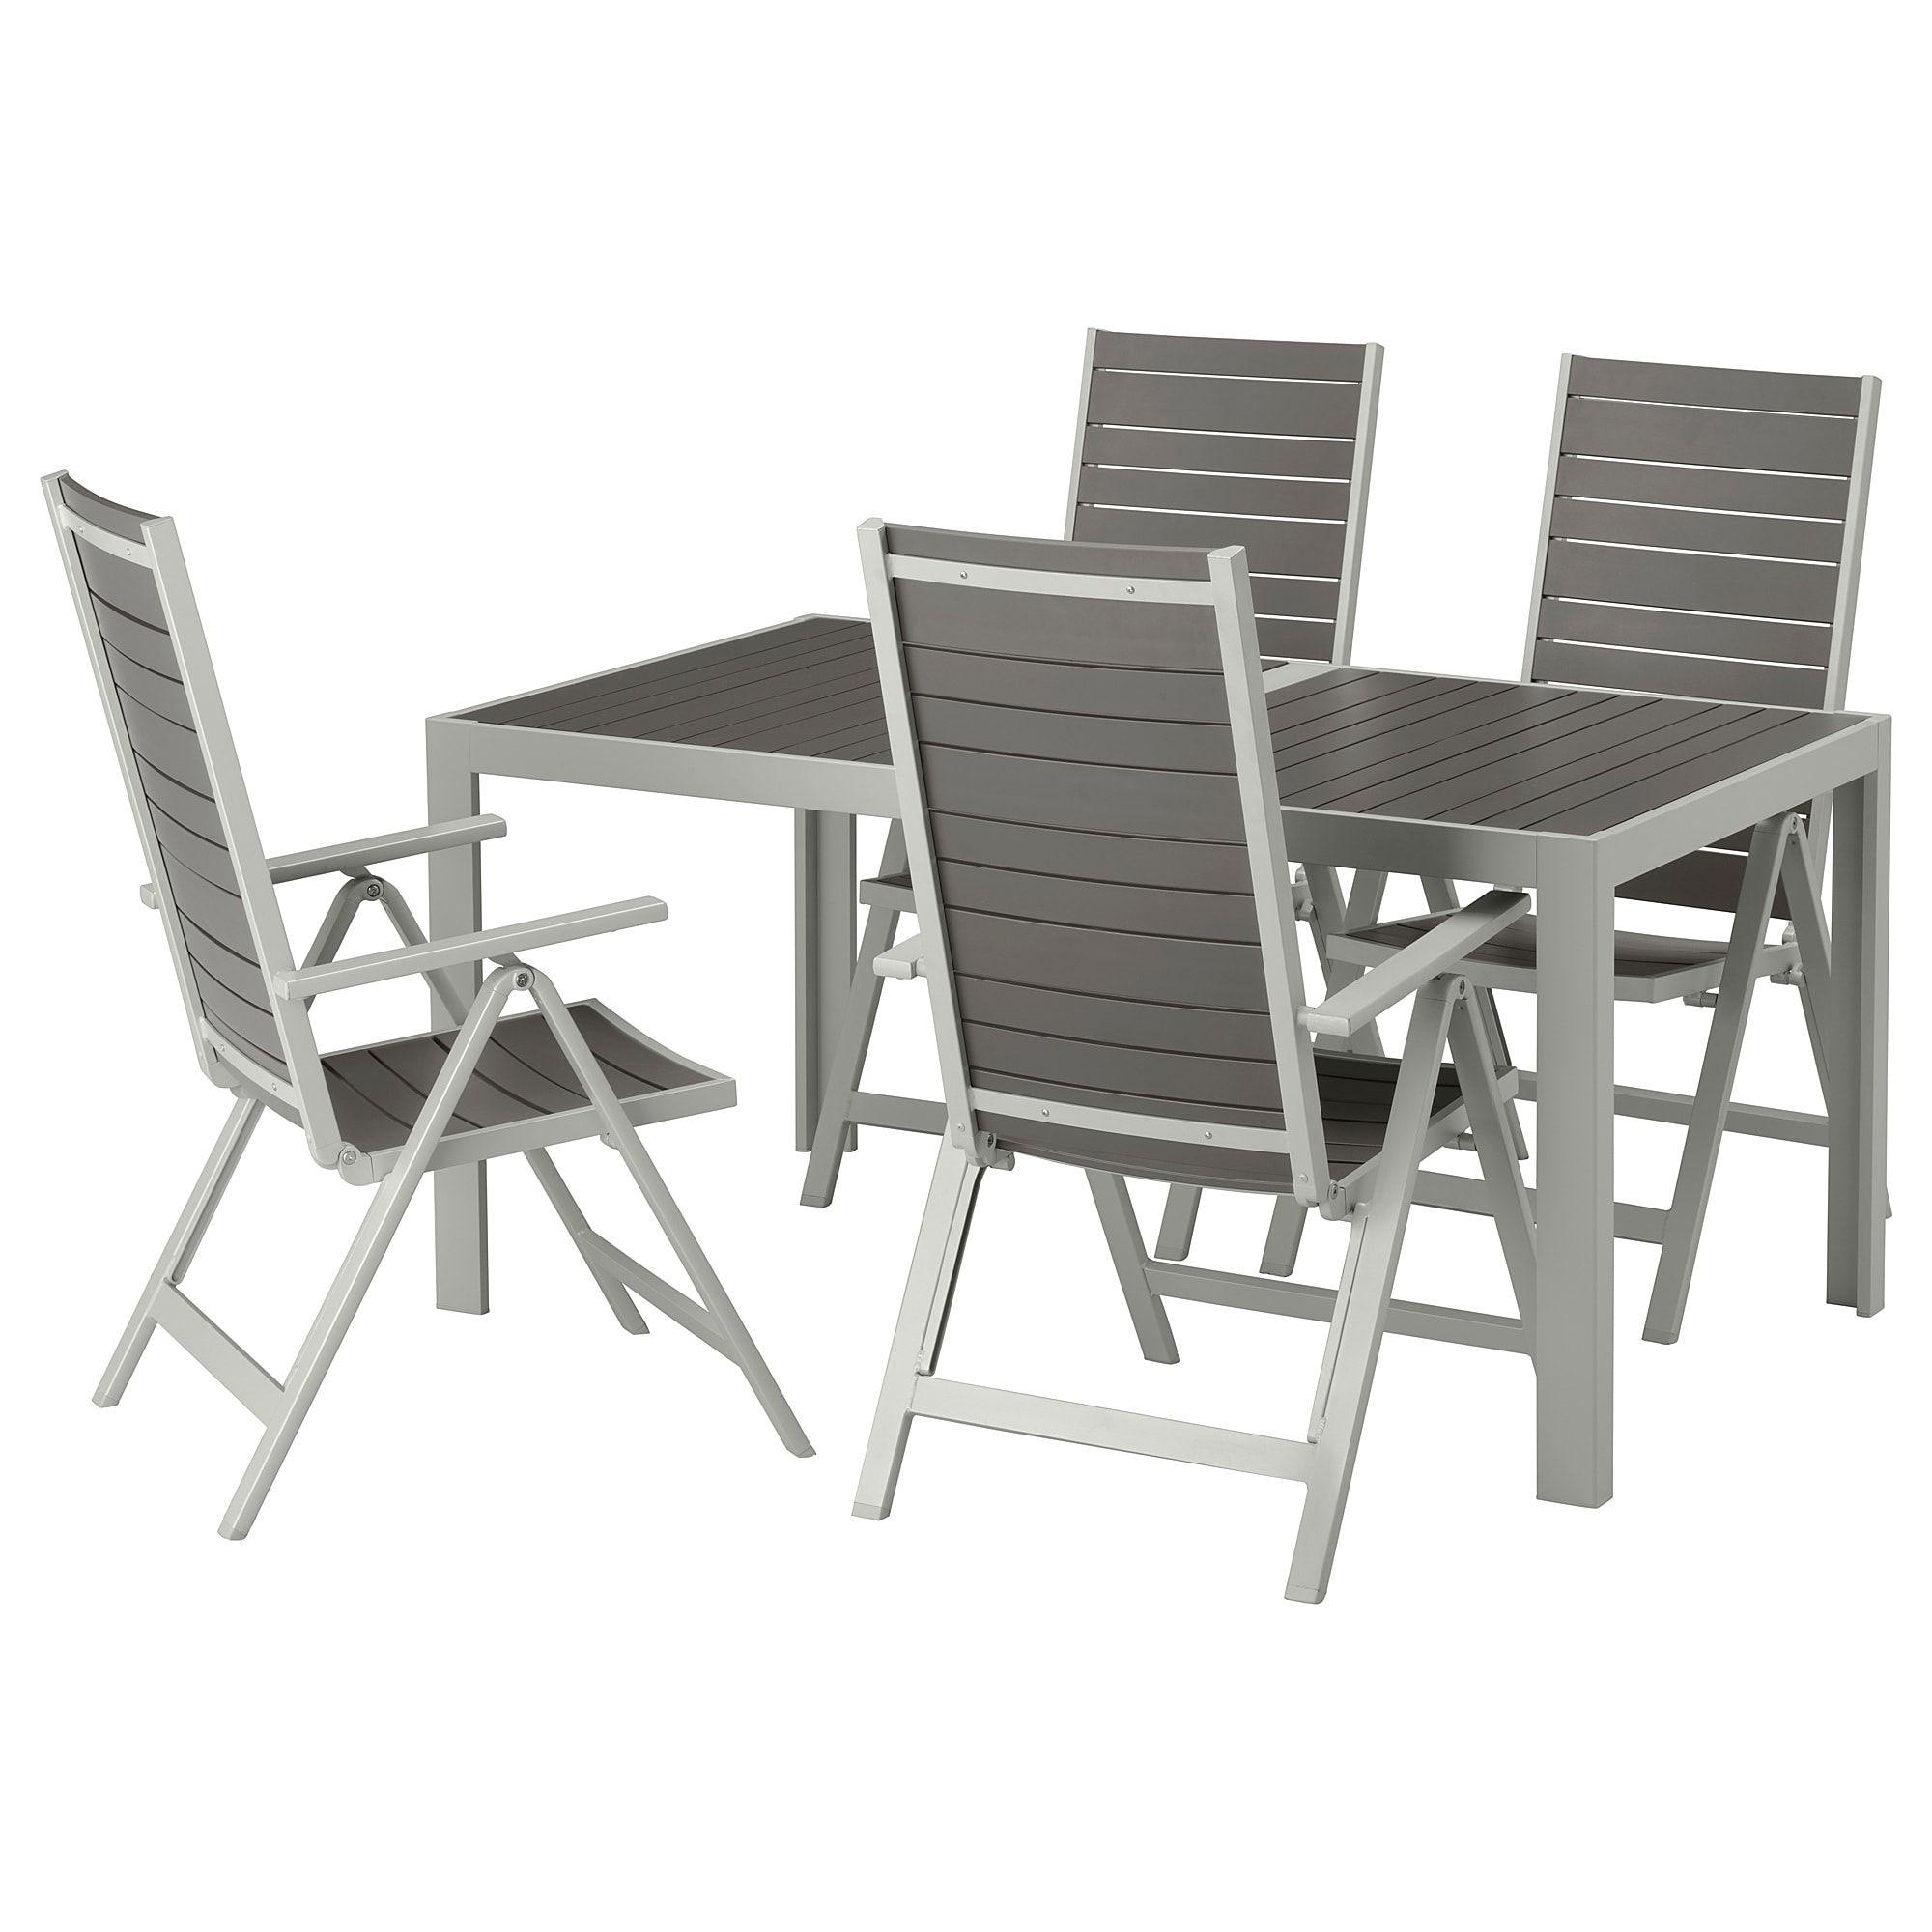 Sjalland Outdoor Dining Sets Ikea Mit Bildern Relaxliege